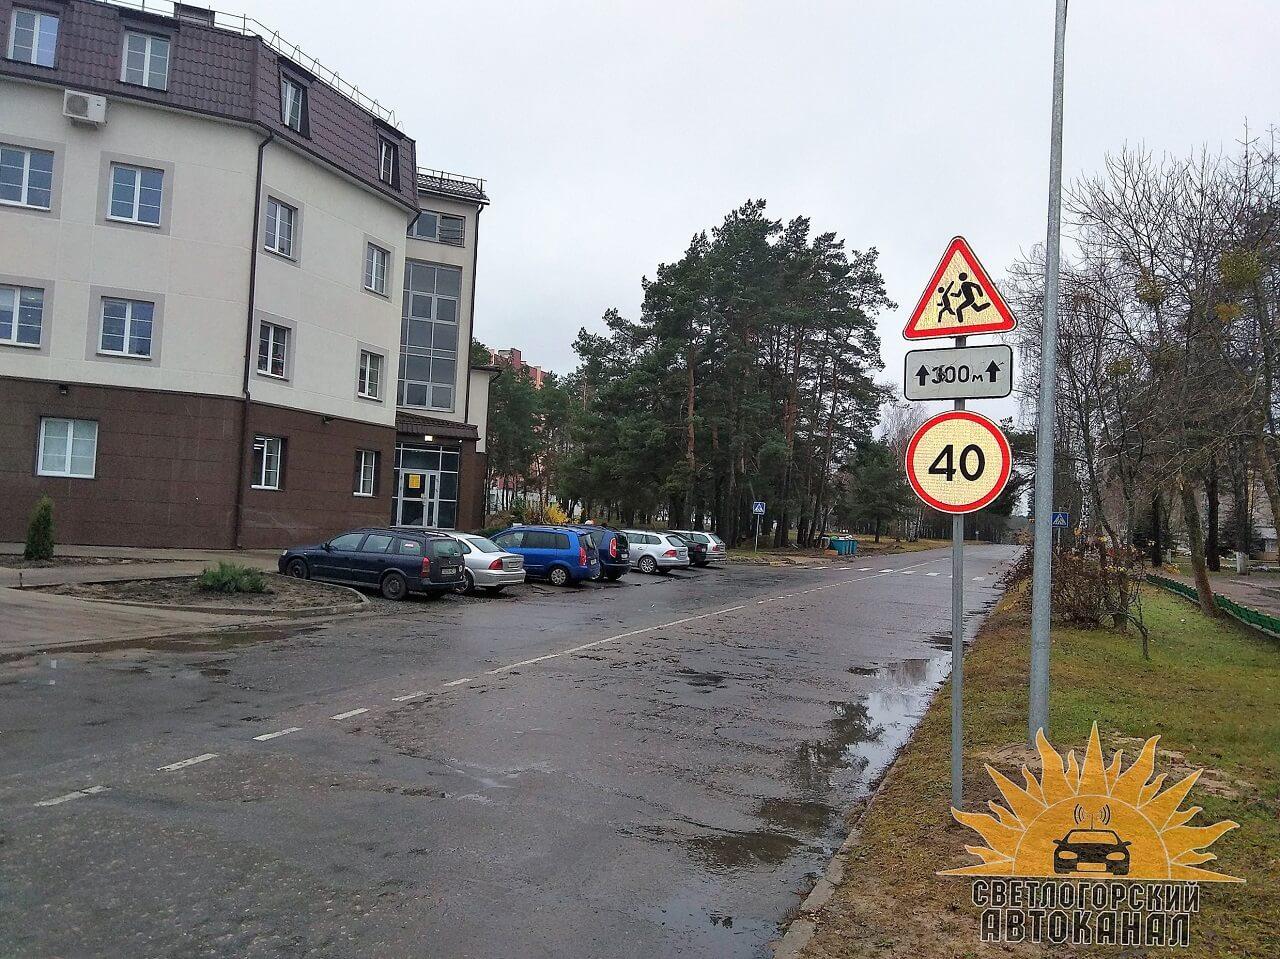 знак установленныйй по улице батова 40 км в час (1)